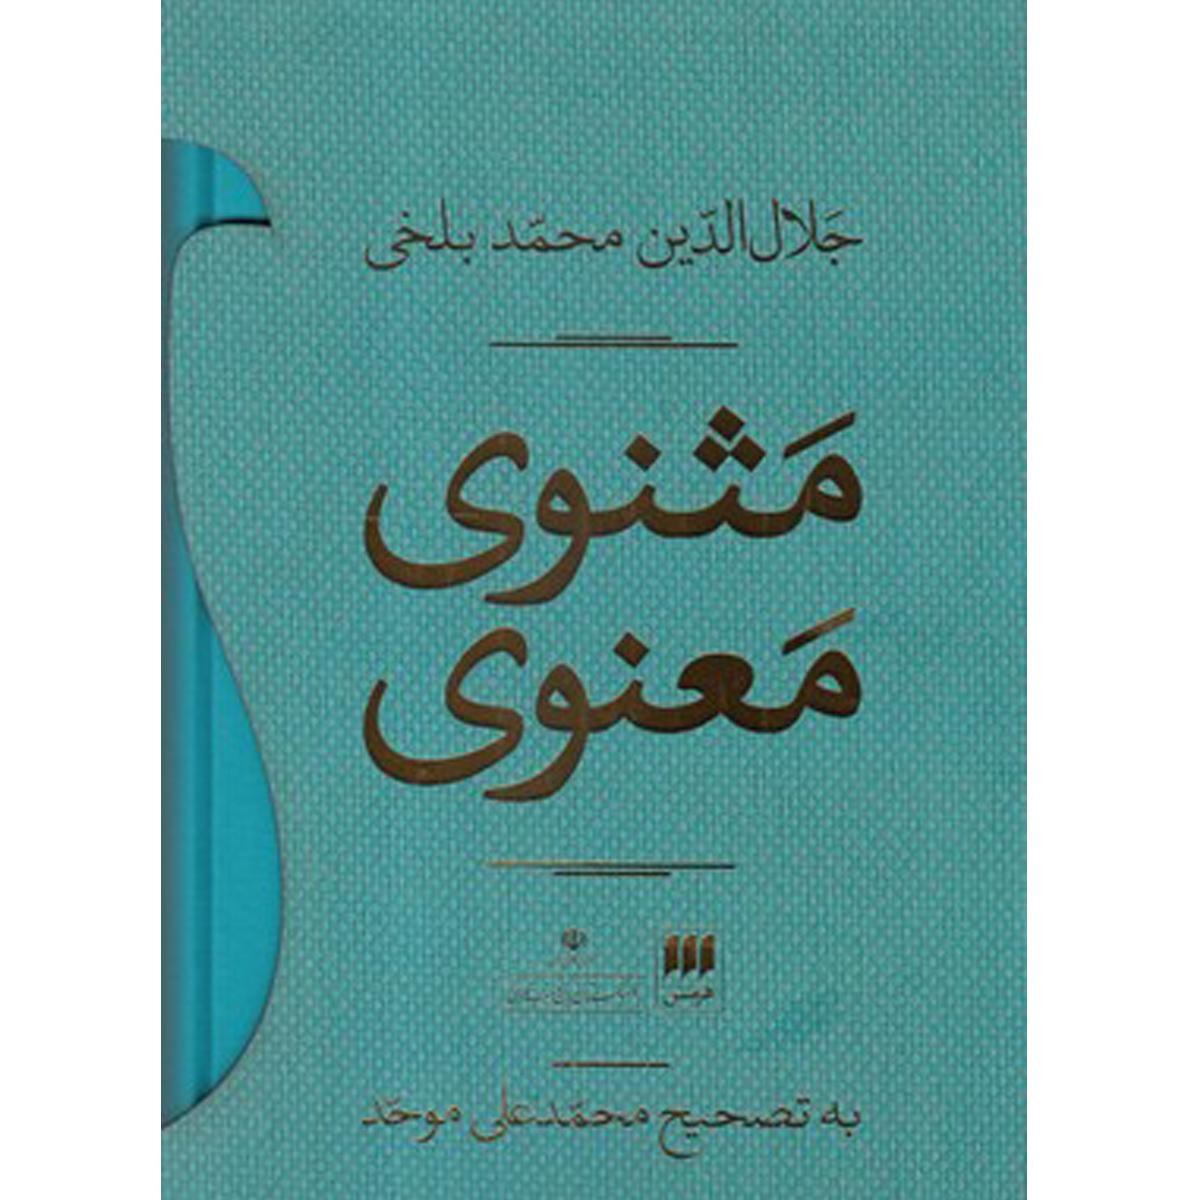 کتاب مثنوی معنوی انتشارات هرمس